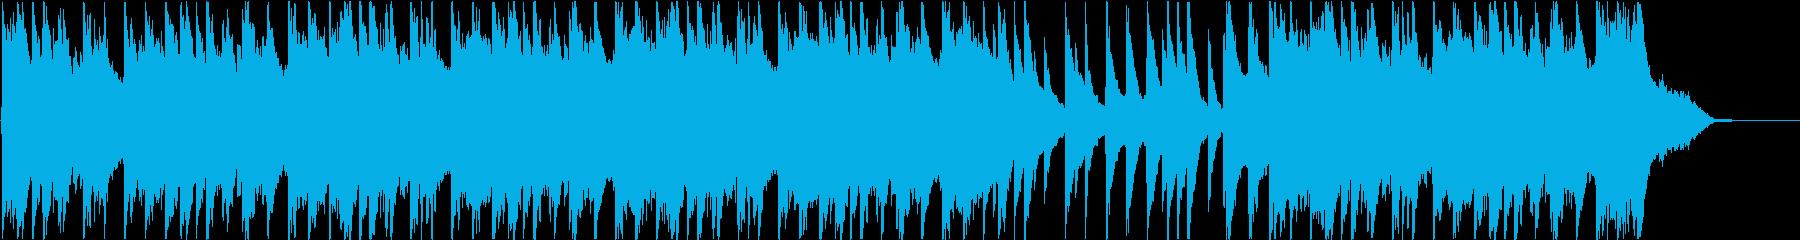 切ない幻想的なピアノの再生済みの波形